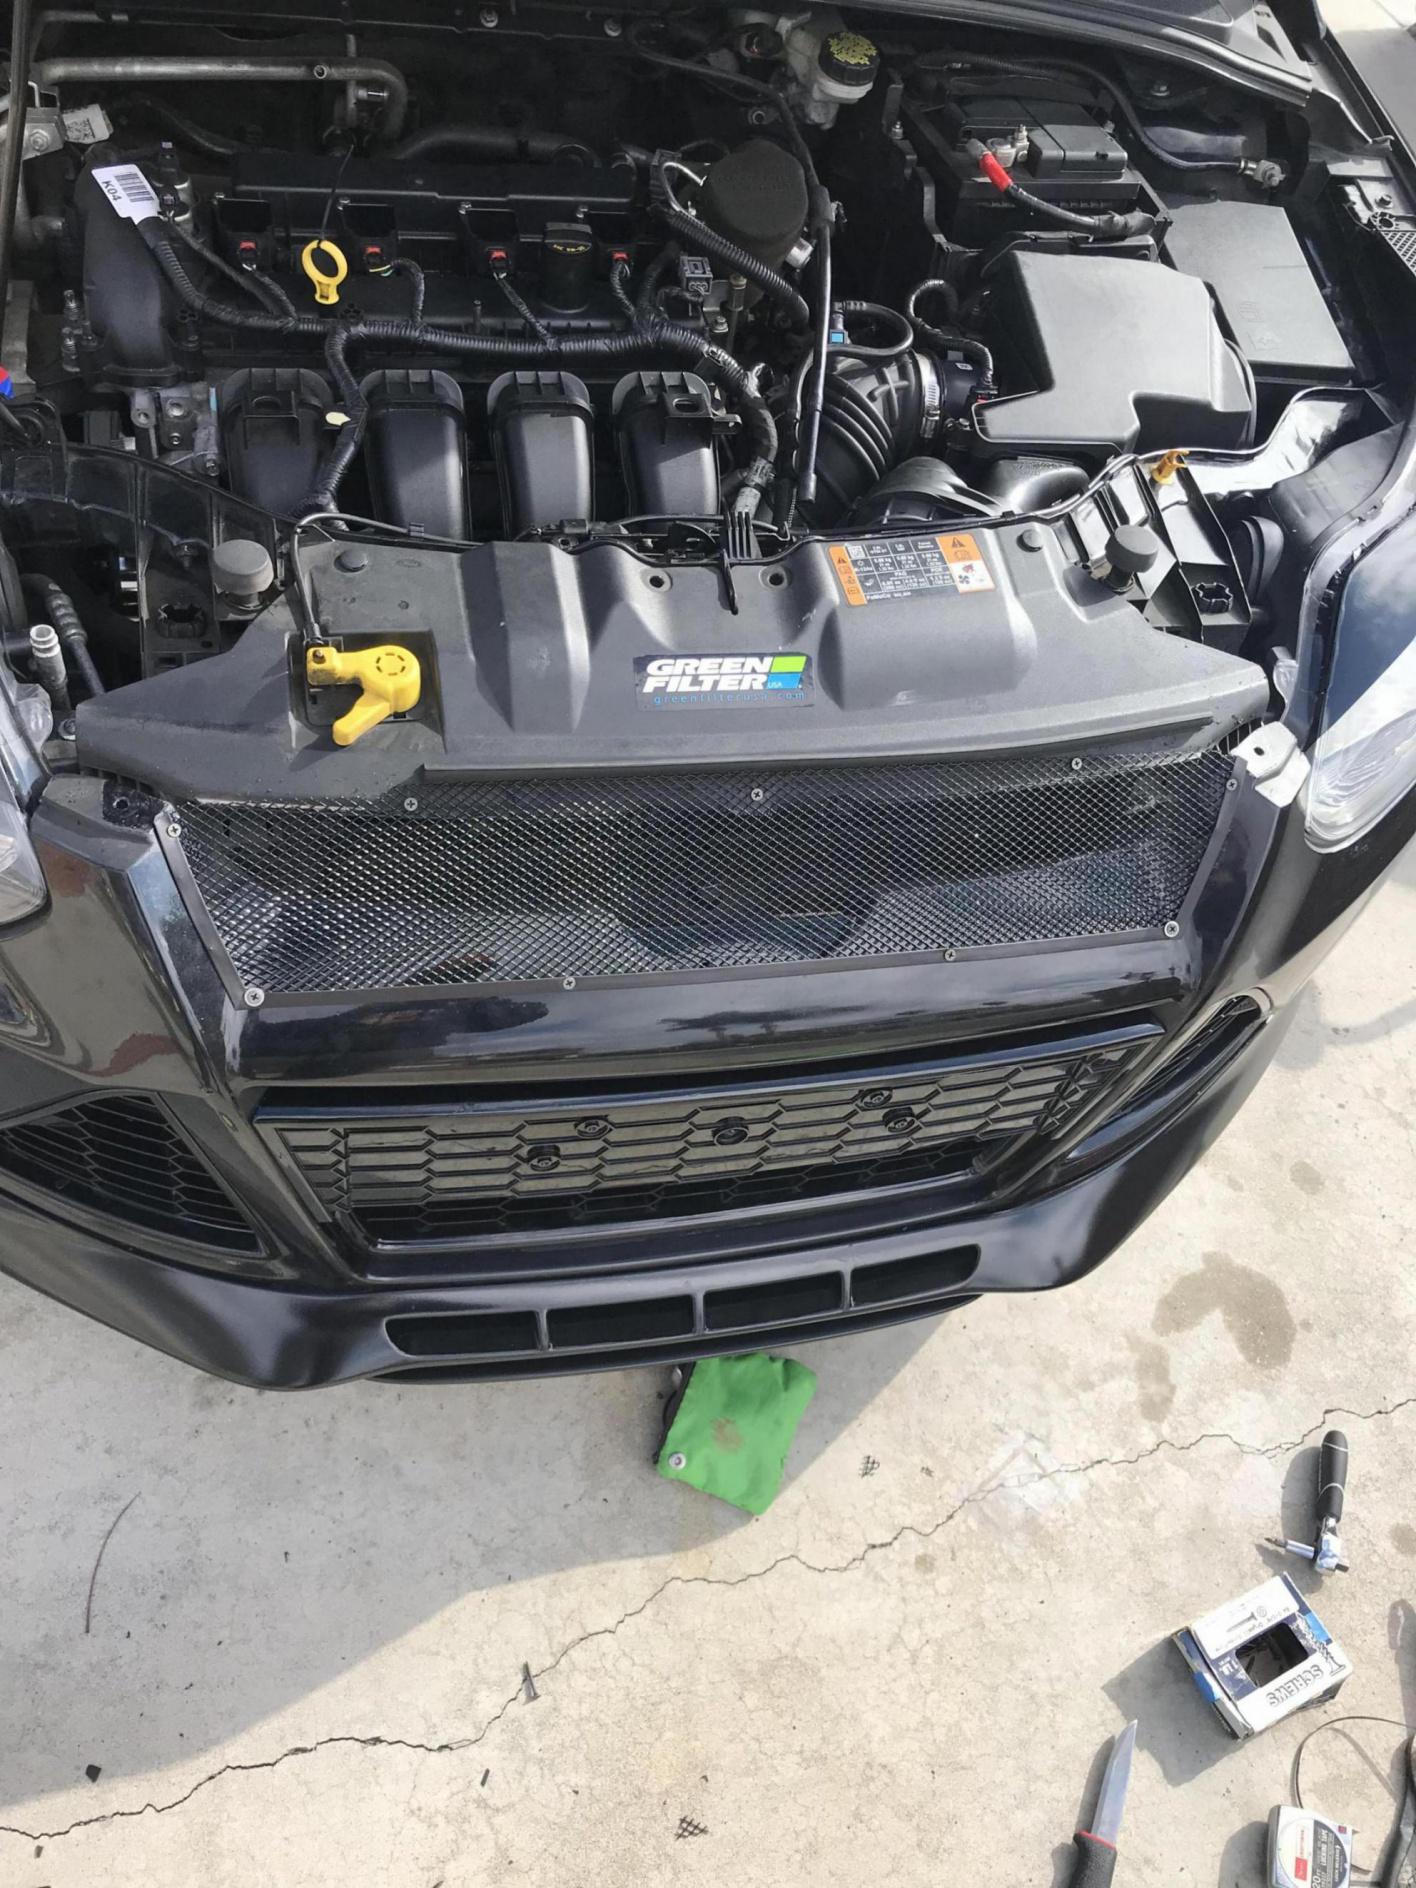 What did you do to your car today? Vol 2.-d1c4b06f-d5aa-492f-8c63-12f1497df001_1517025867616.jpg